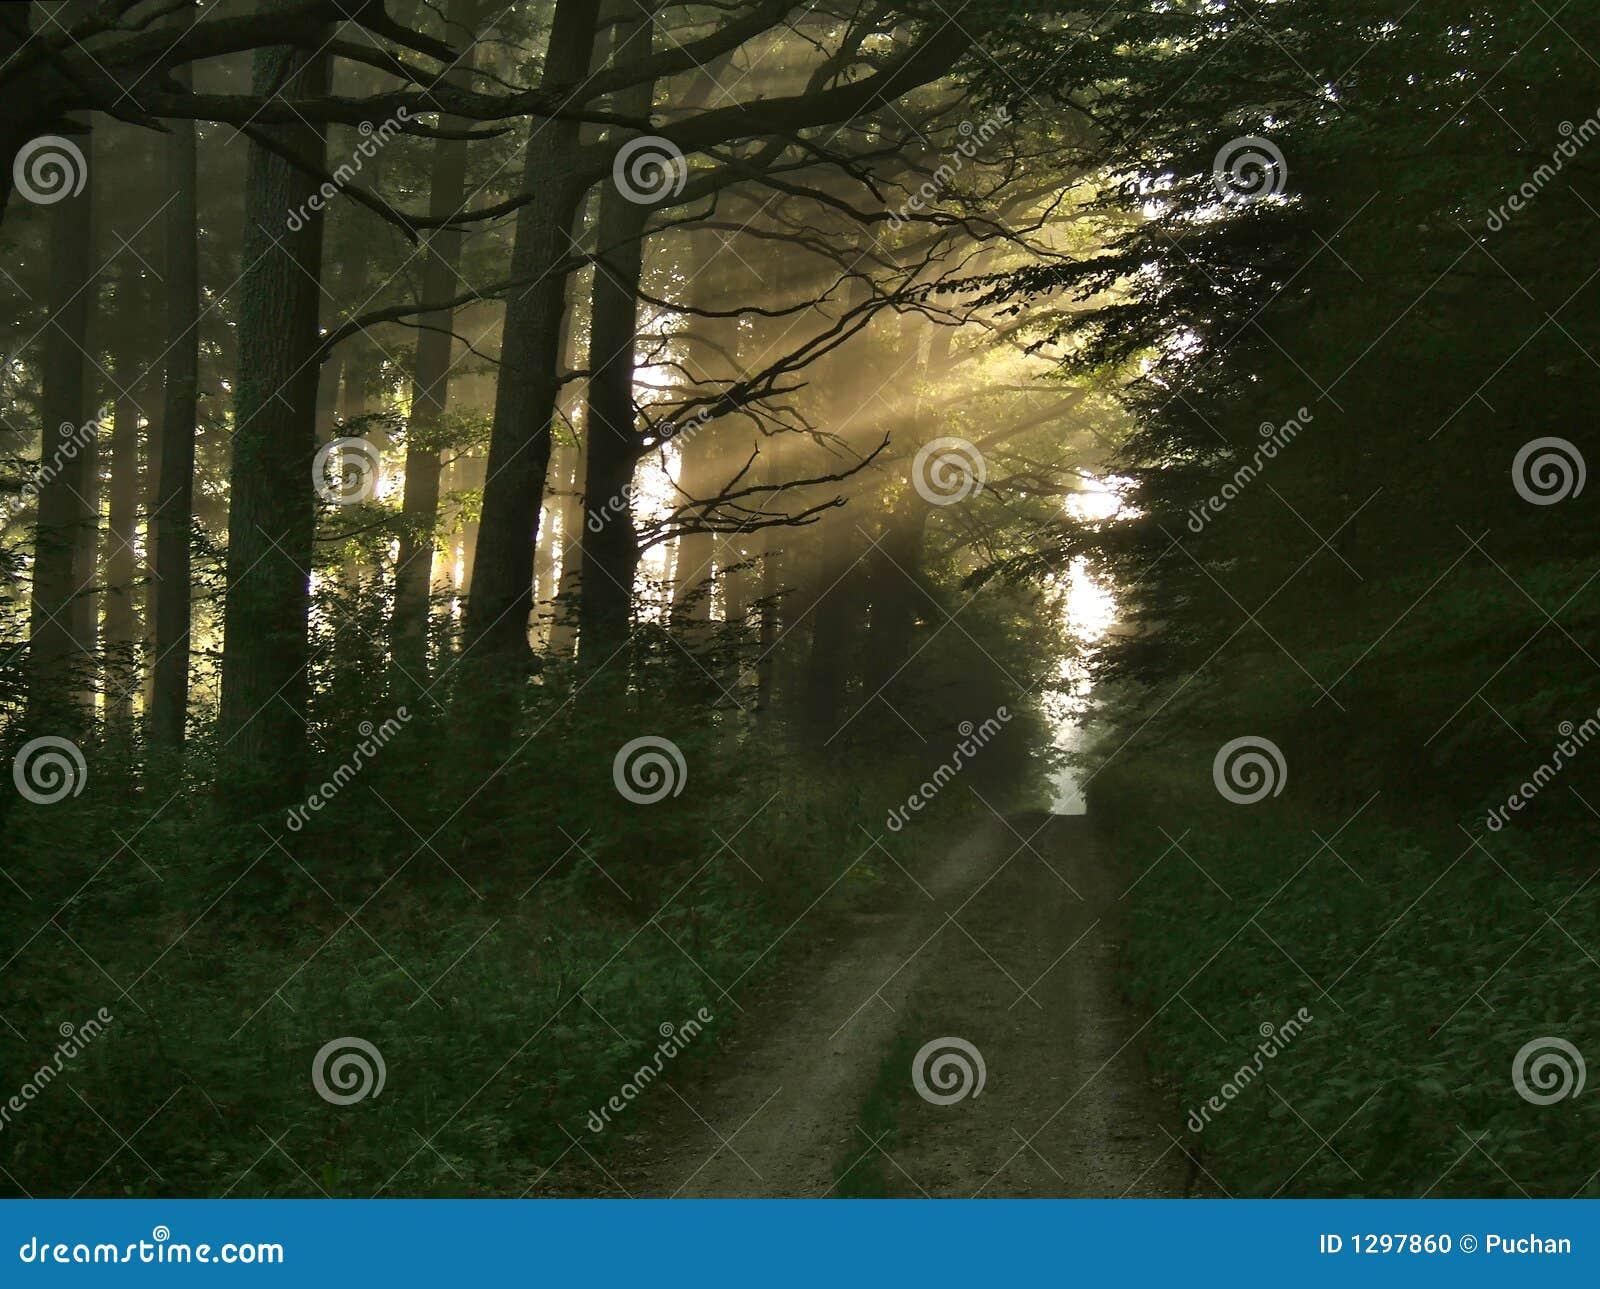 Haces luminosos en bosque